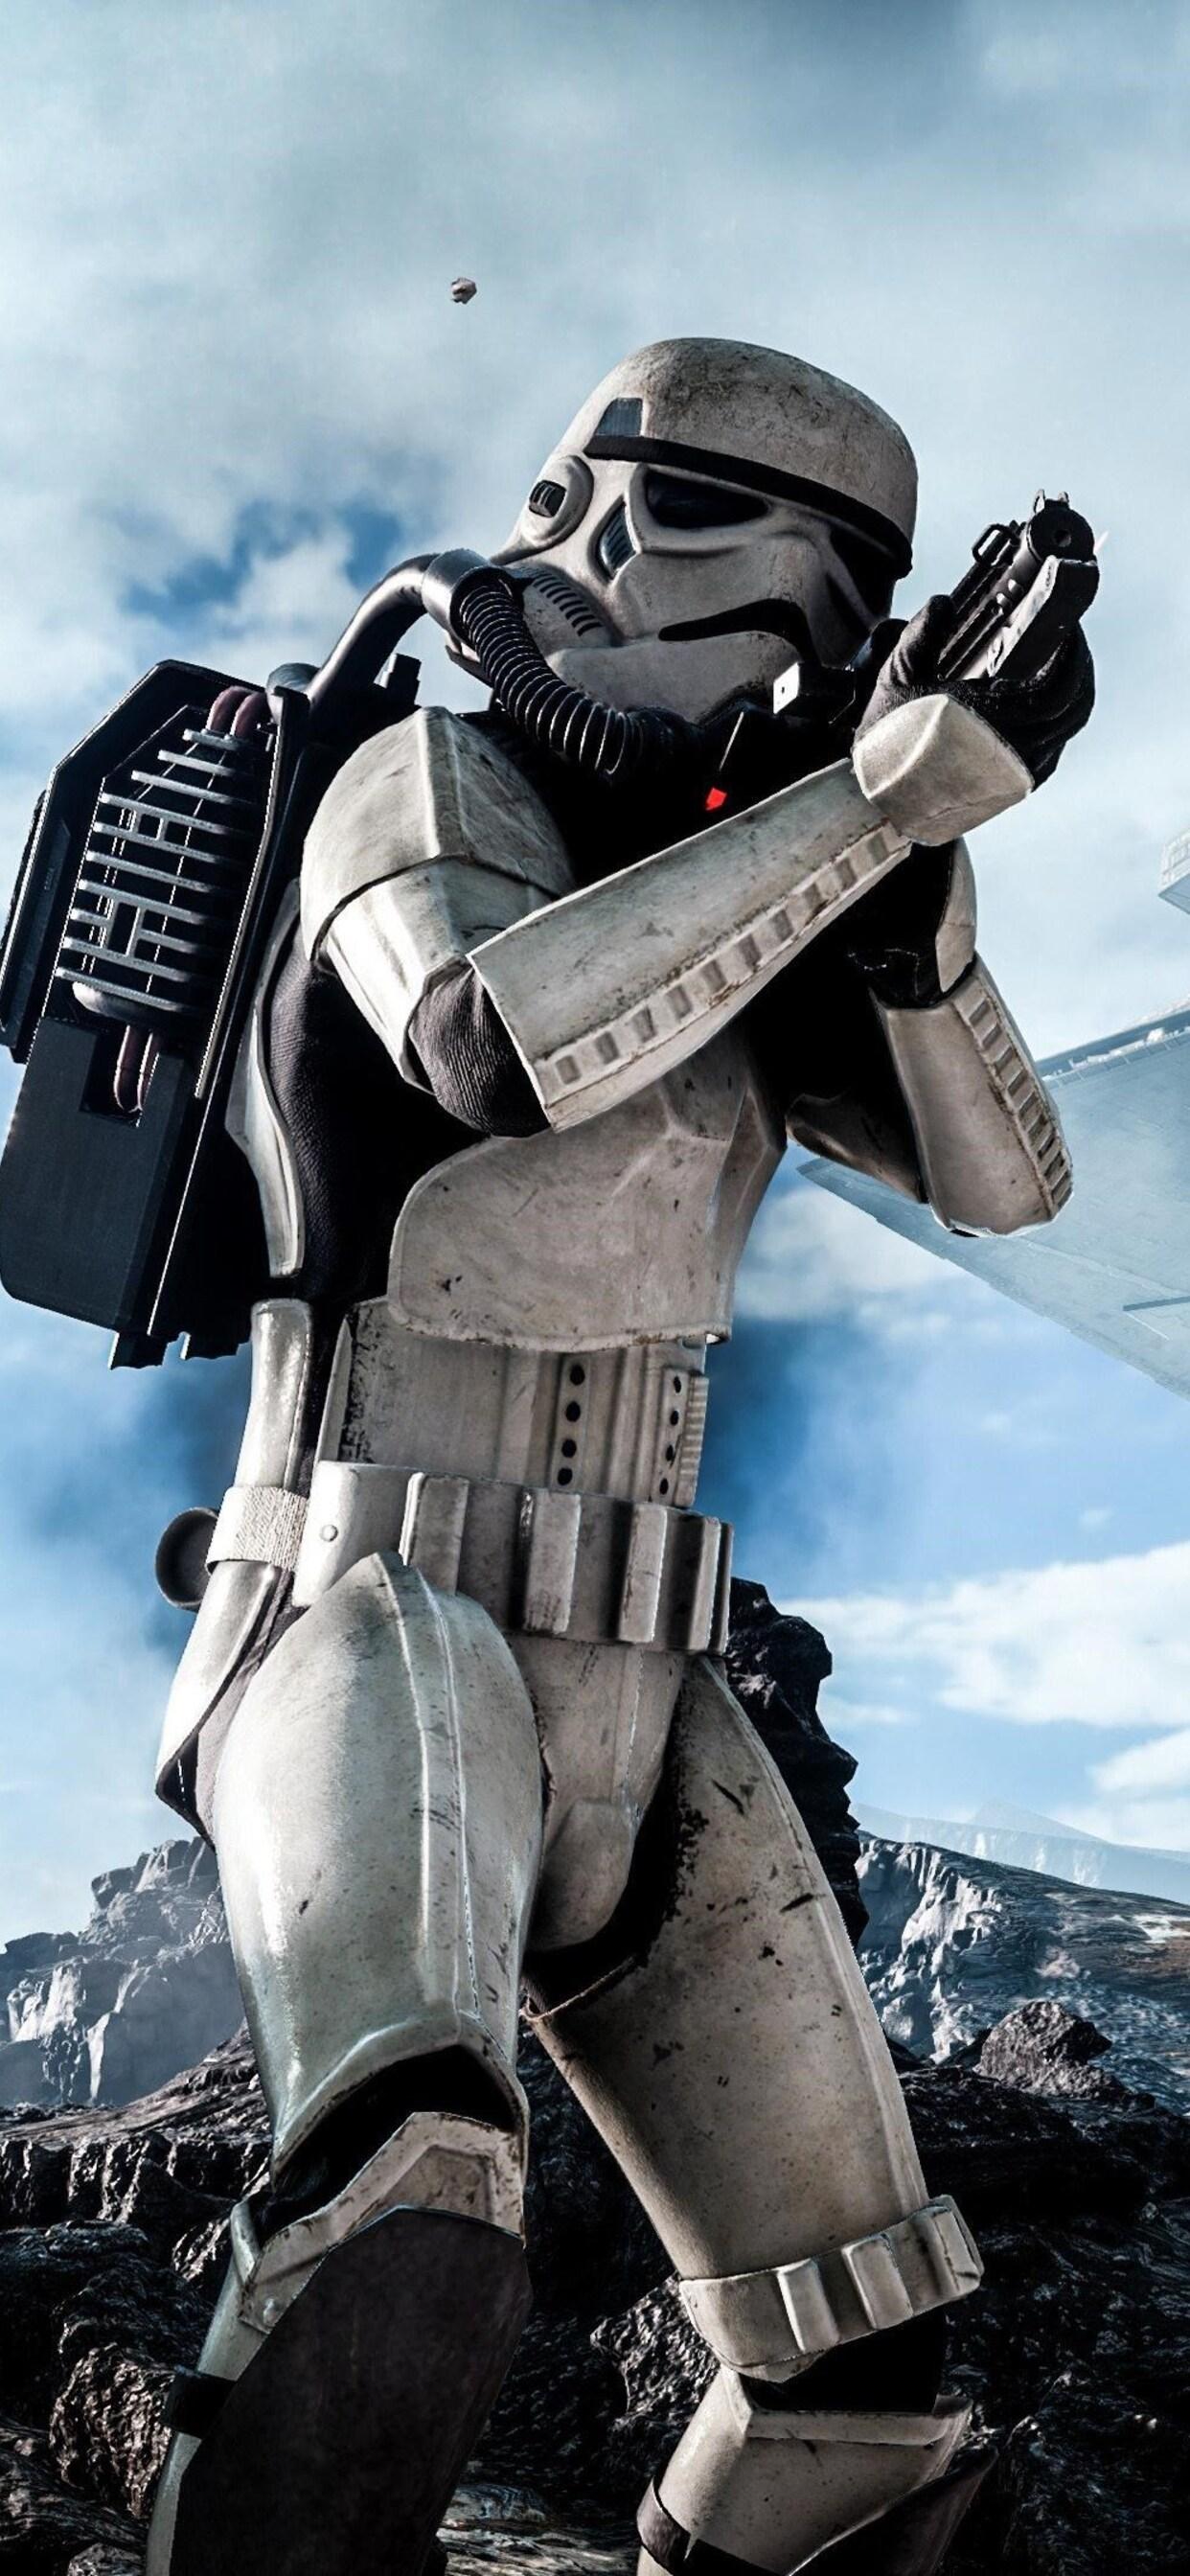 1242x2688 Stormtrooper In Star Wars Iphone Xs Max Hd 4k